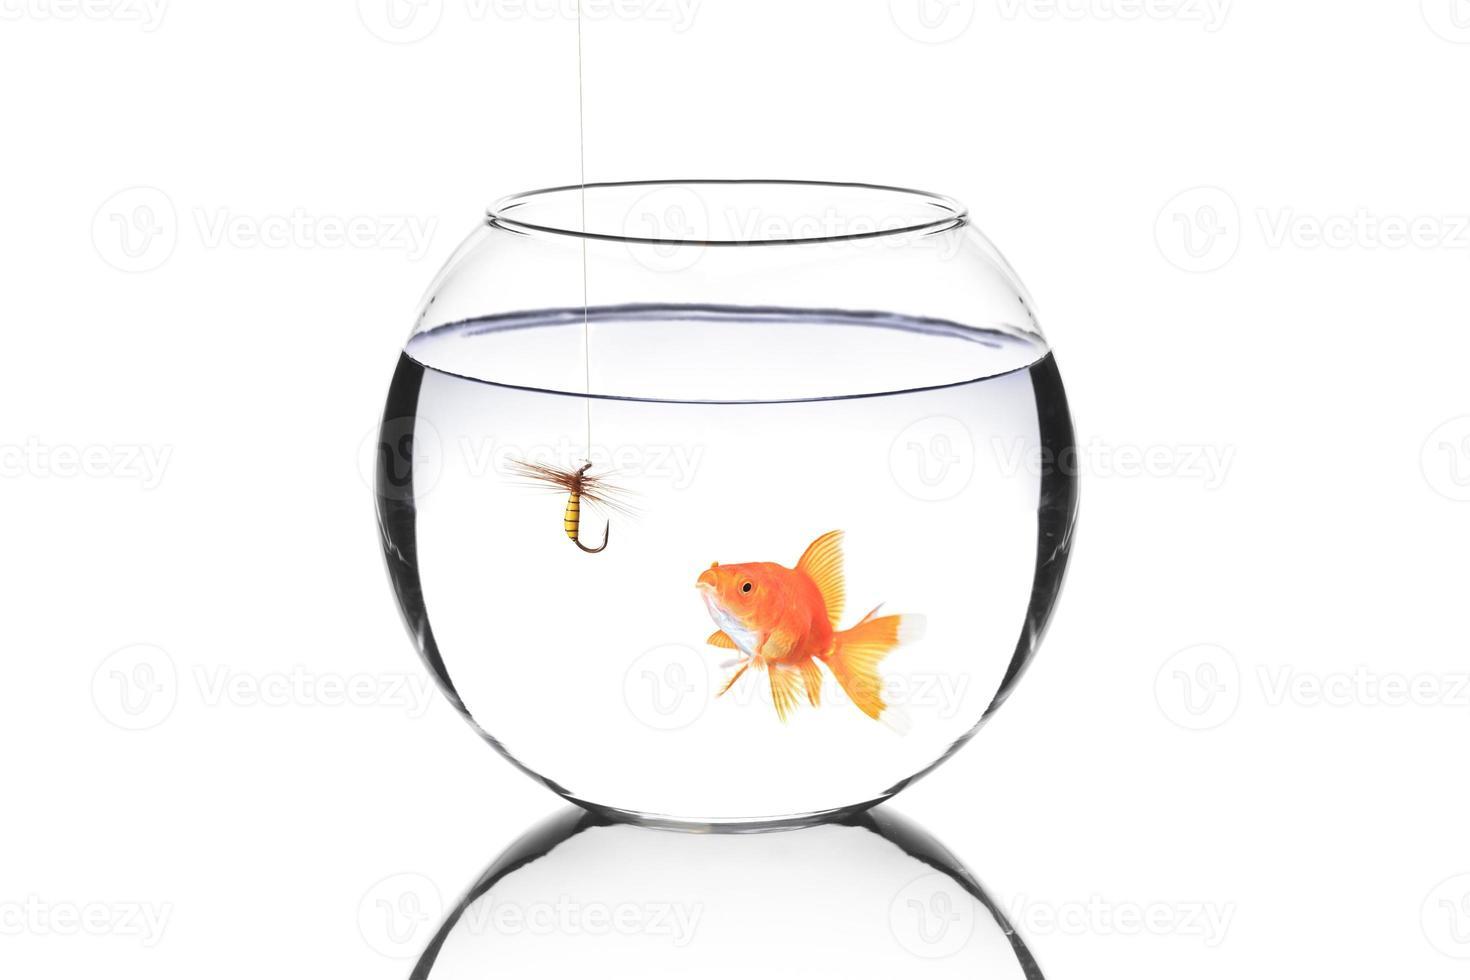 aquário com um anzol de pesca foto